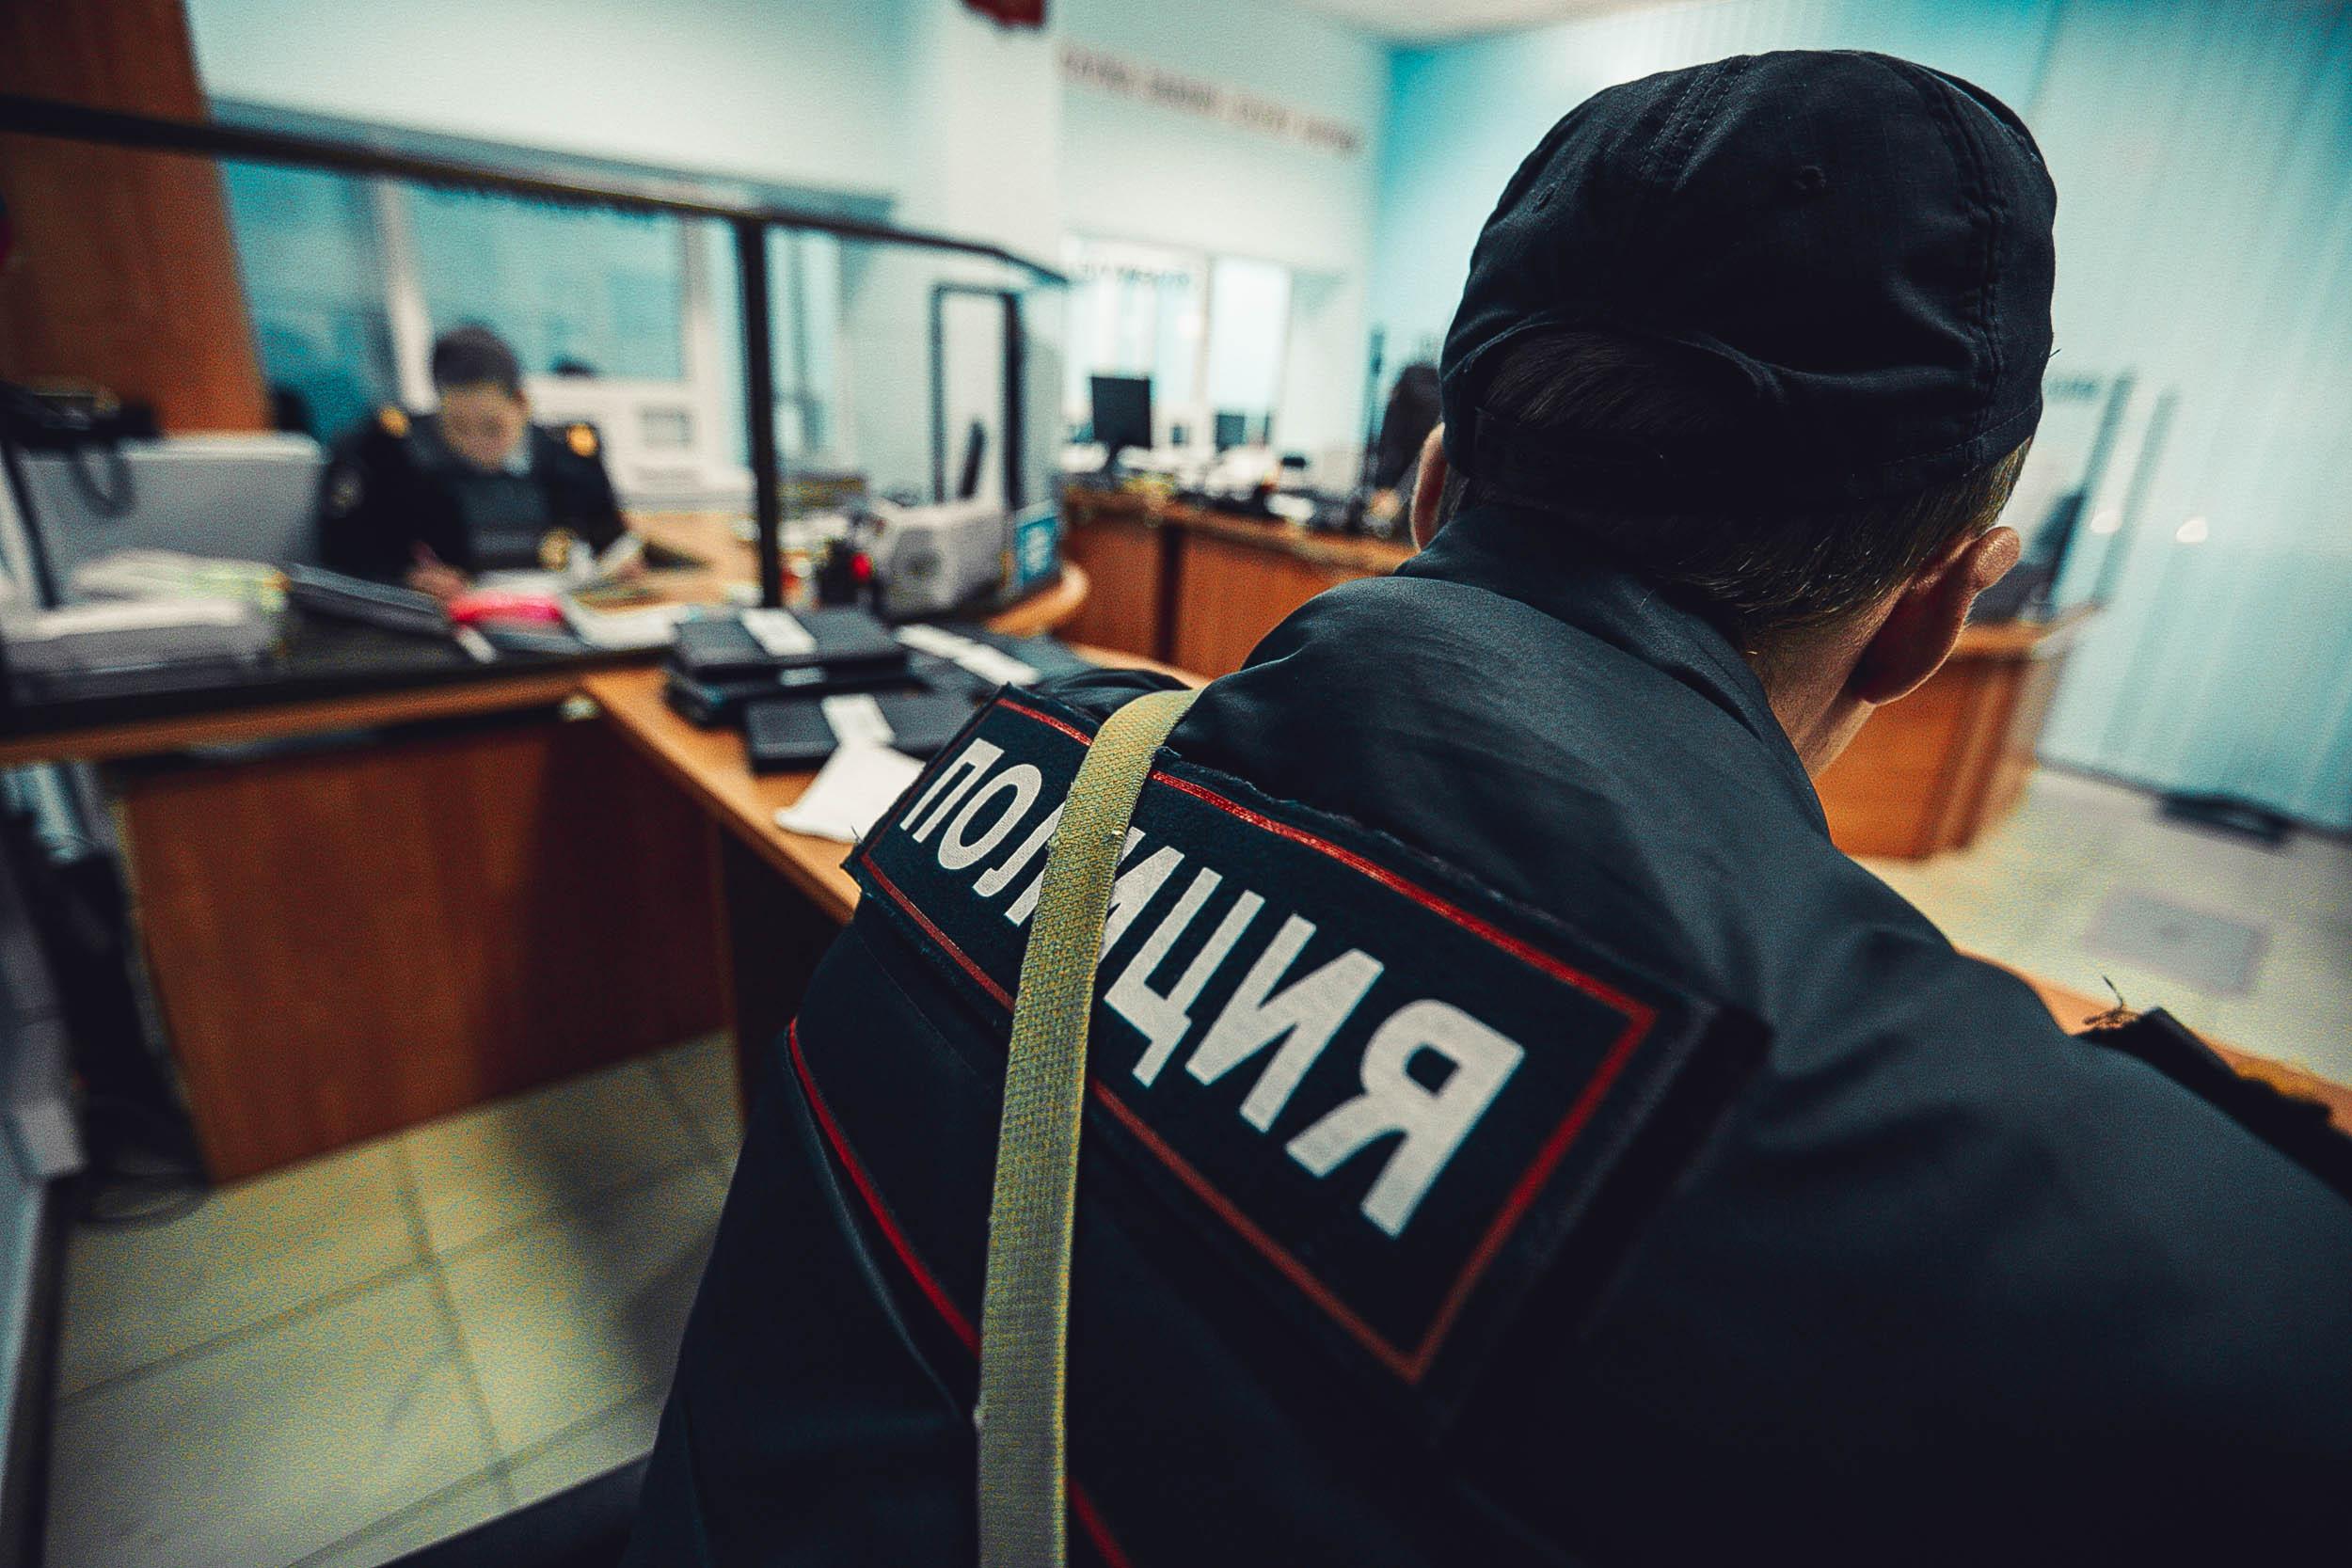 В Тверской области угонщика нашли в придорожной канаве